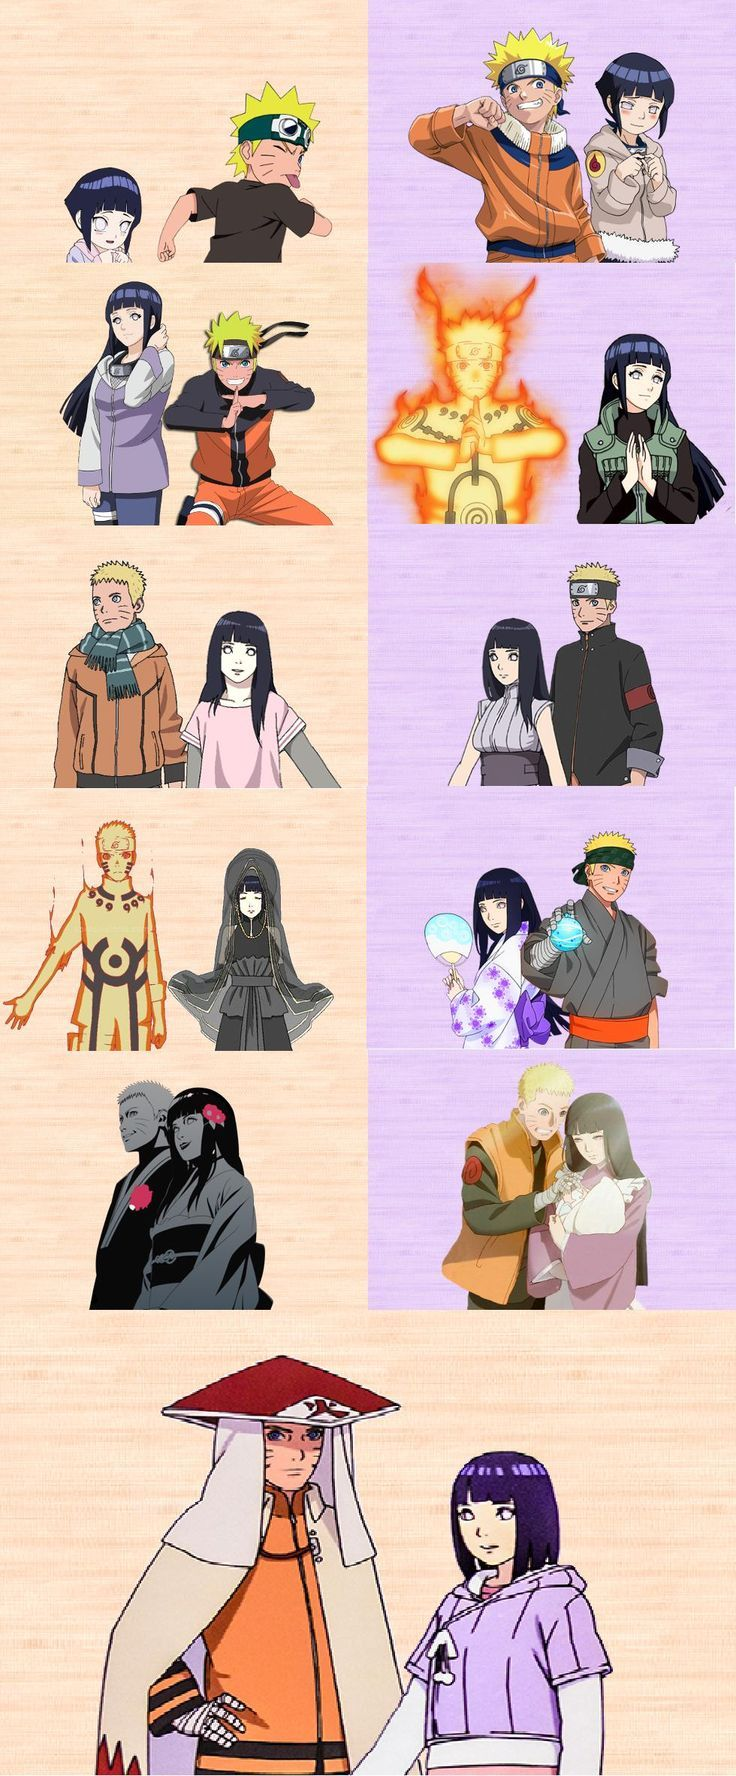 5493547f7eca16ae608538d20b614930.jpg (736×1776)   Naruto ...